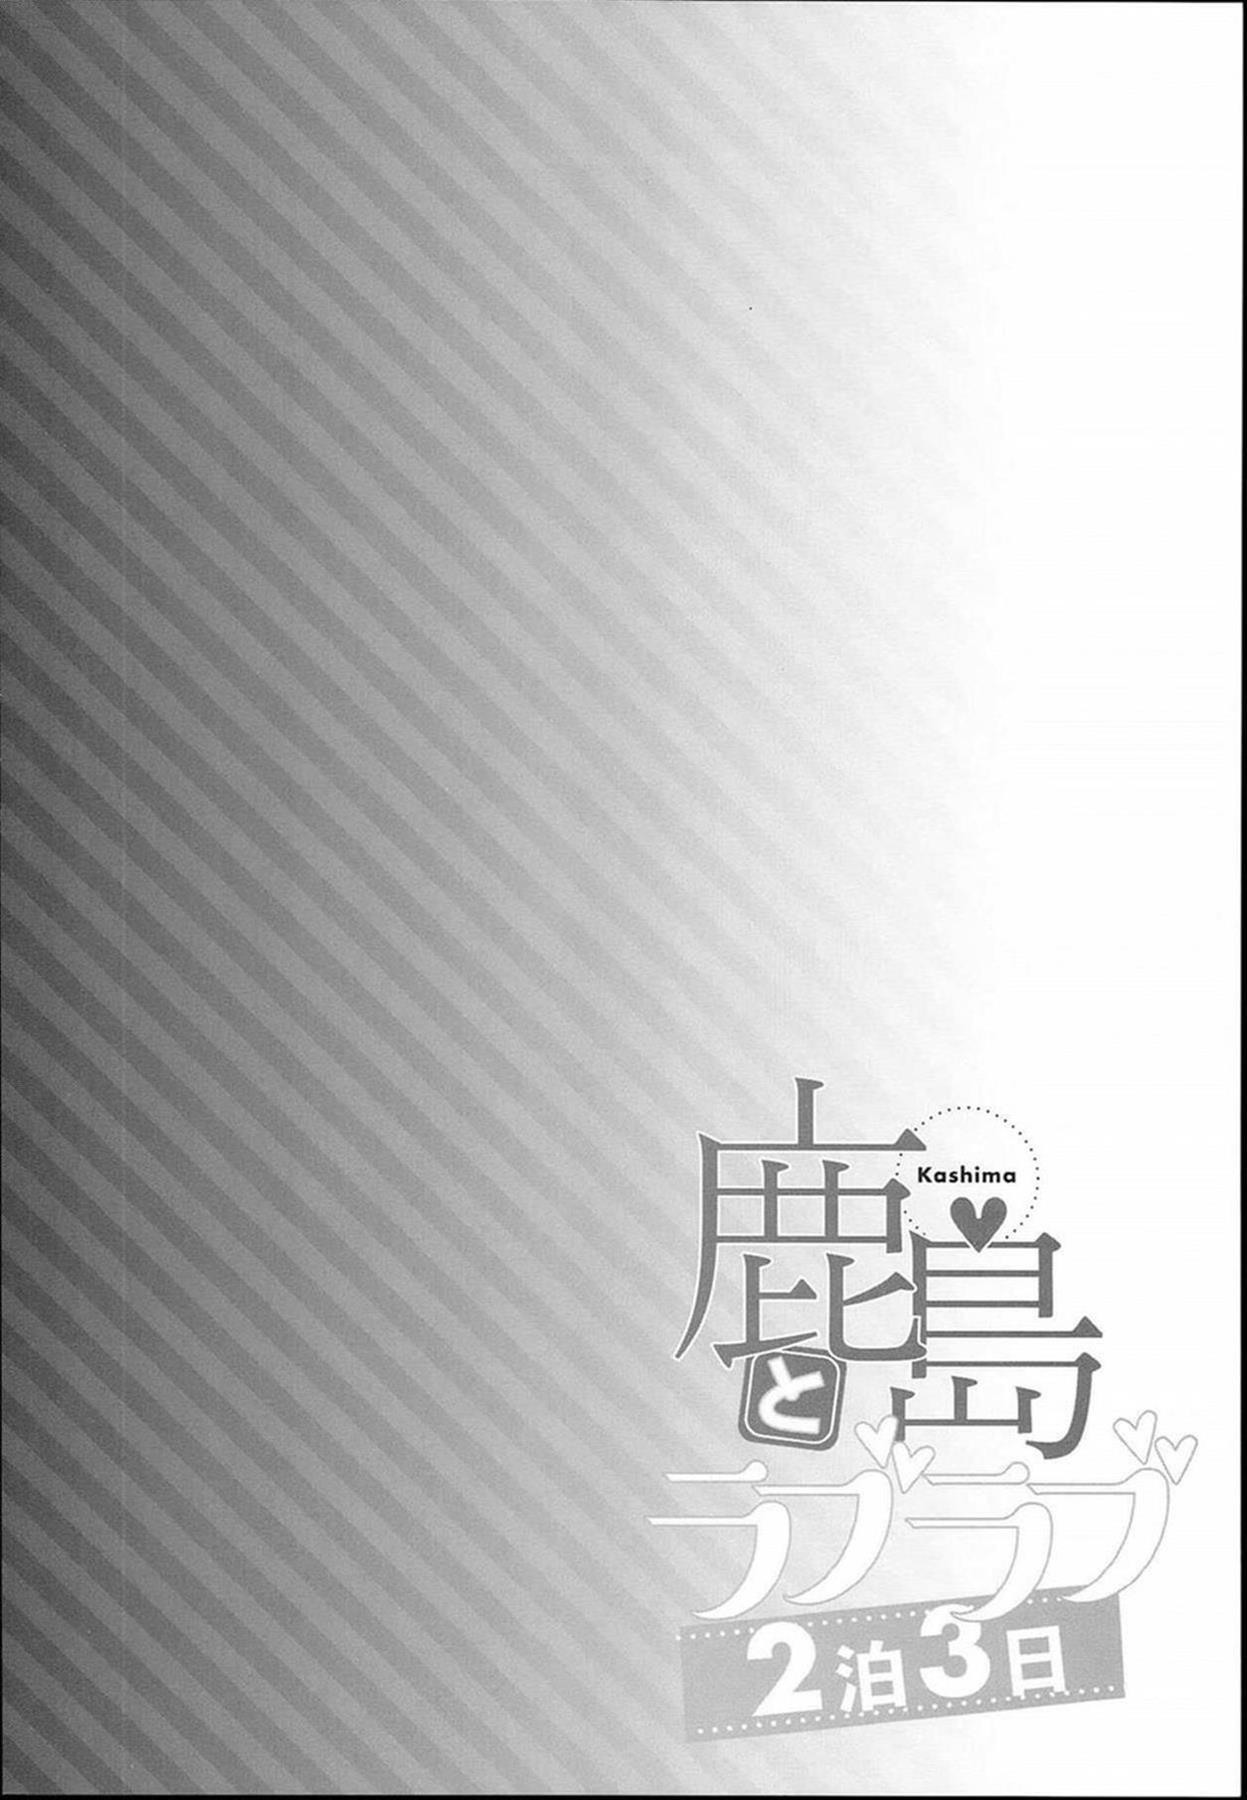 少し奮発した温泉旅館で、鹿島とふたりで二泊三日旅行・・・提督さんのおちんちん久しぶりだからっ・・・苦しっ!!【艦これ エロ漫画・エロ同人】 (3)